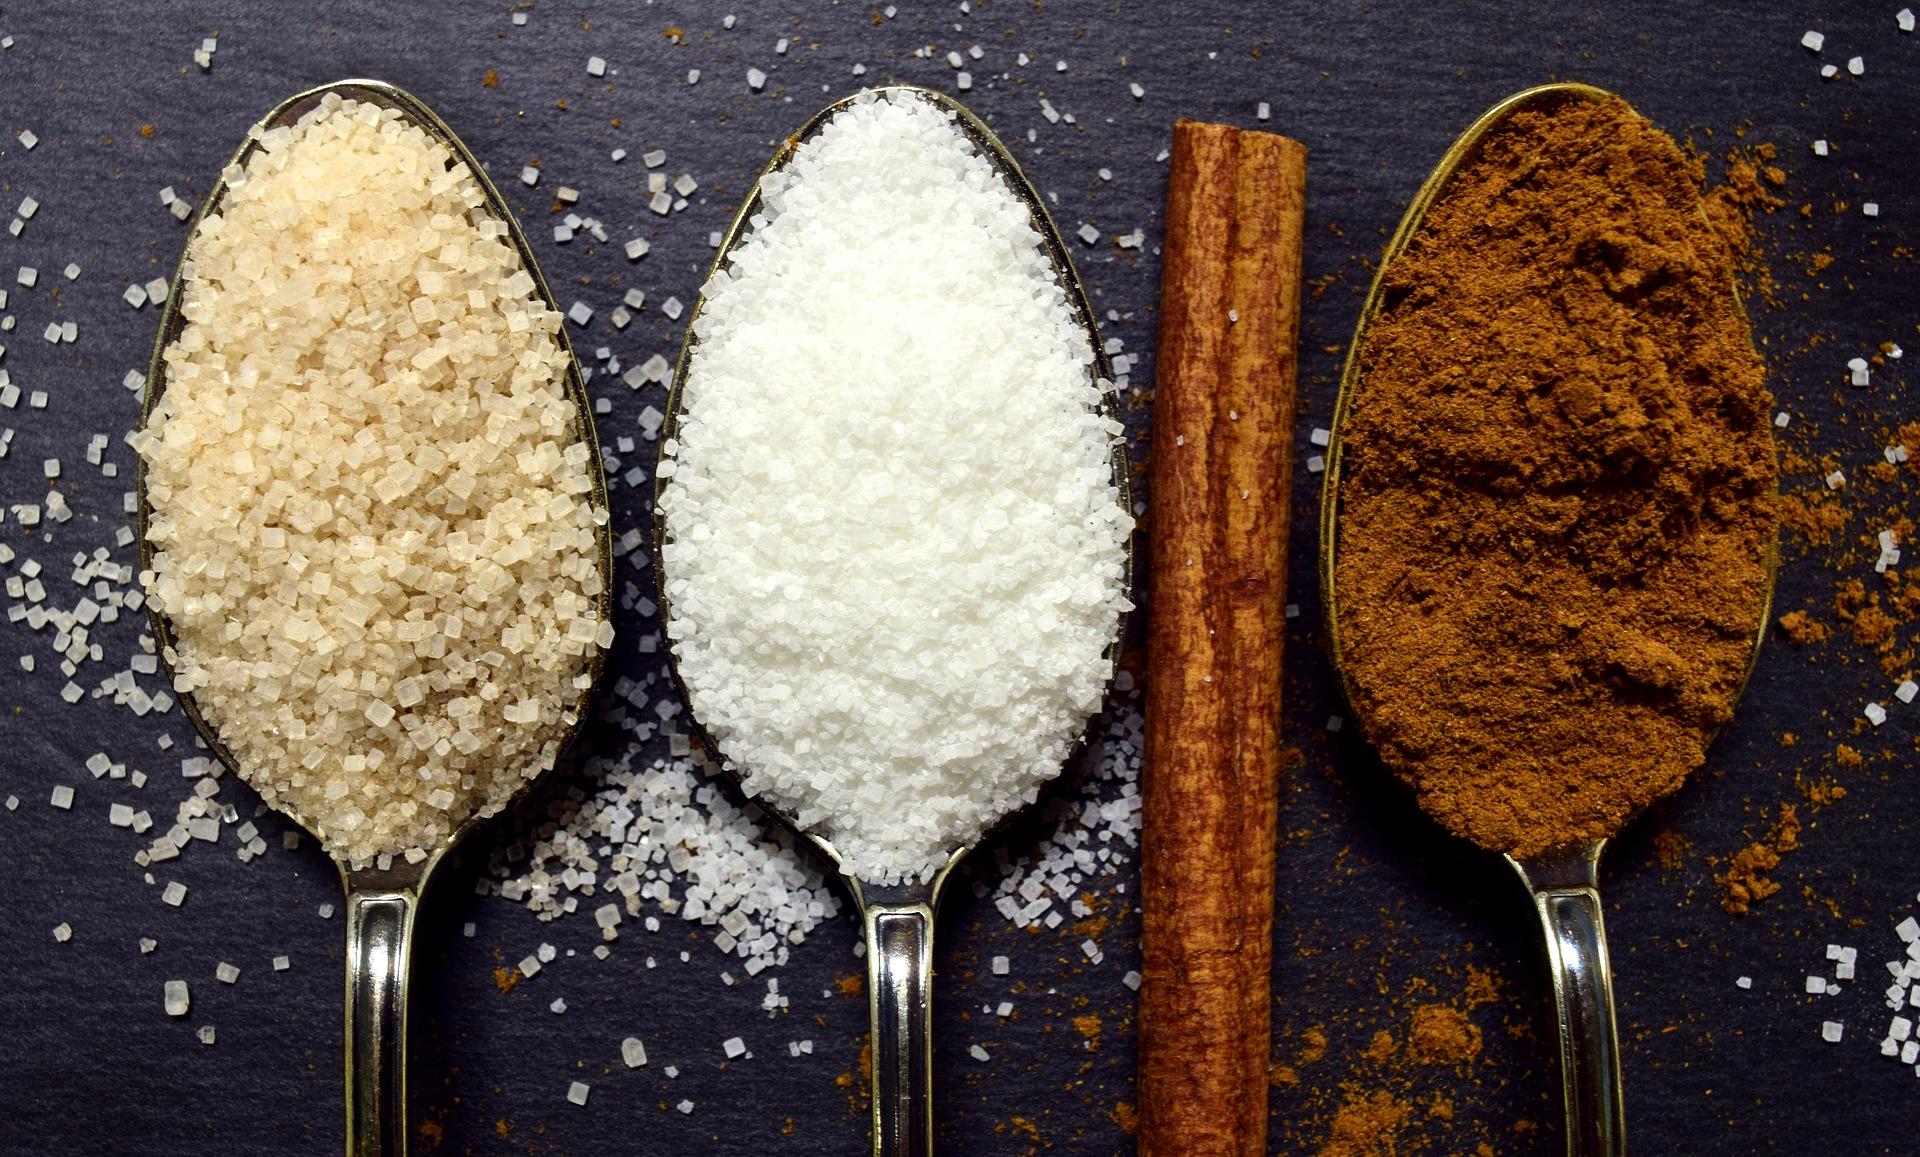 Présentation des alternatives au sucre raffiné et industriel (sucre blanc) : sucre de coco, sucre de bouleau, sucre Rapadura